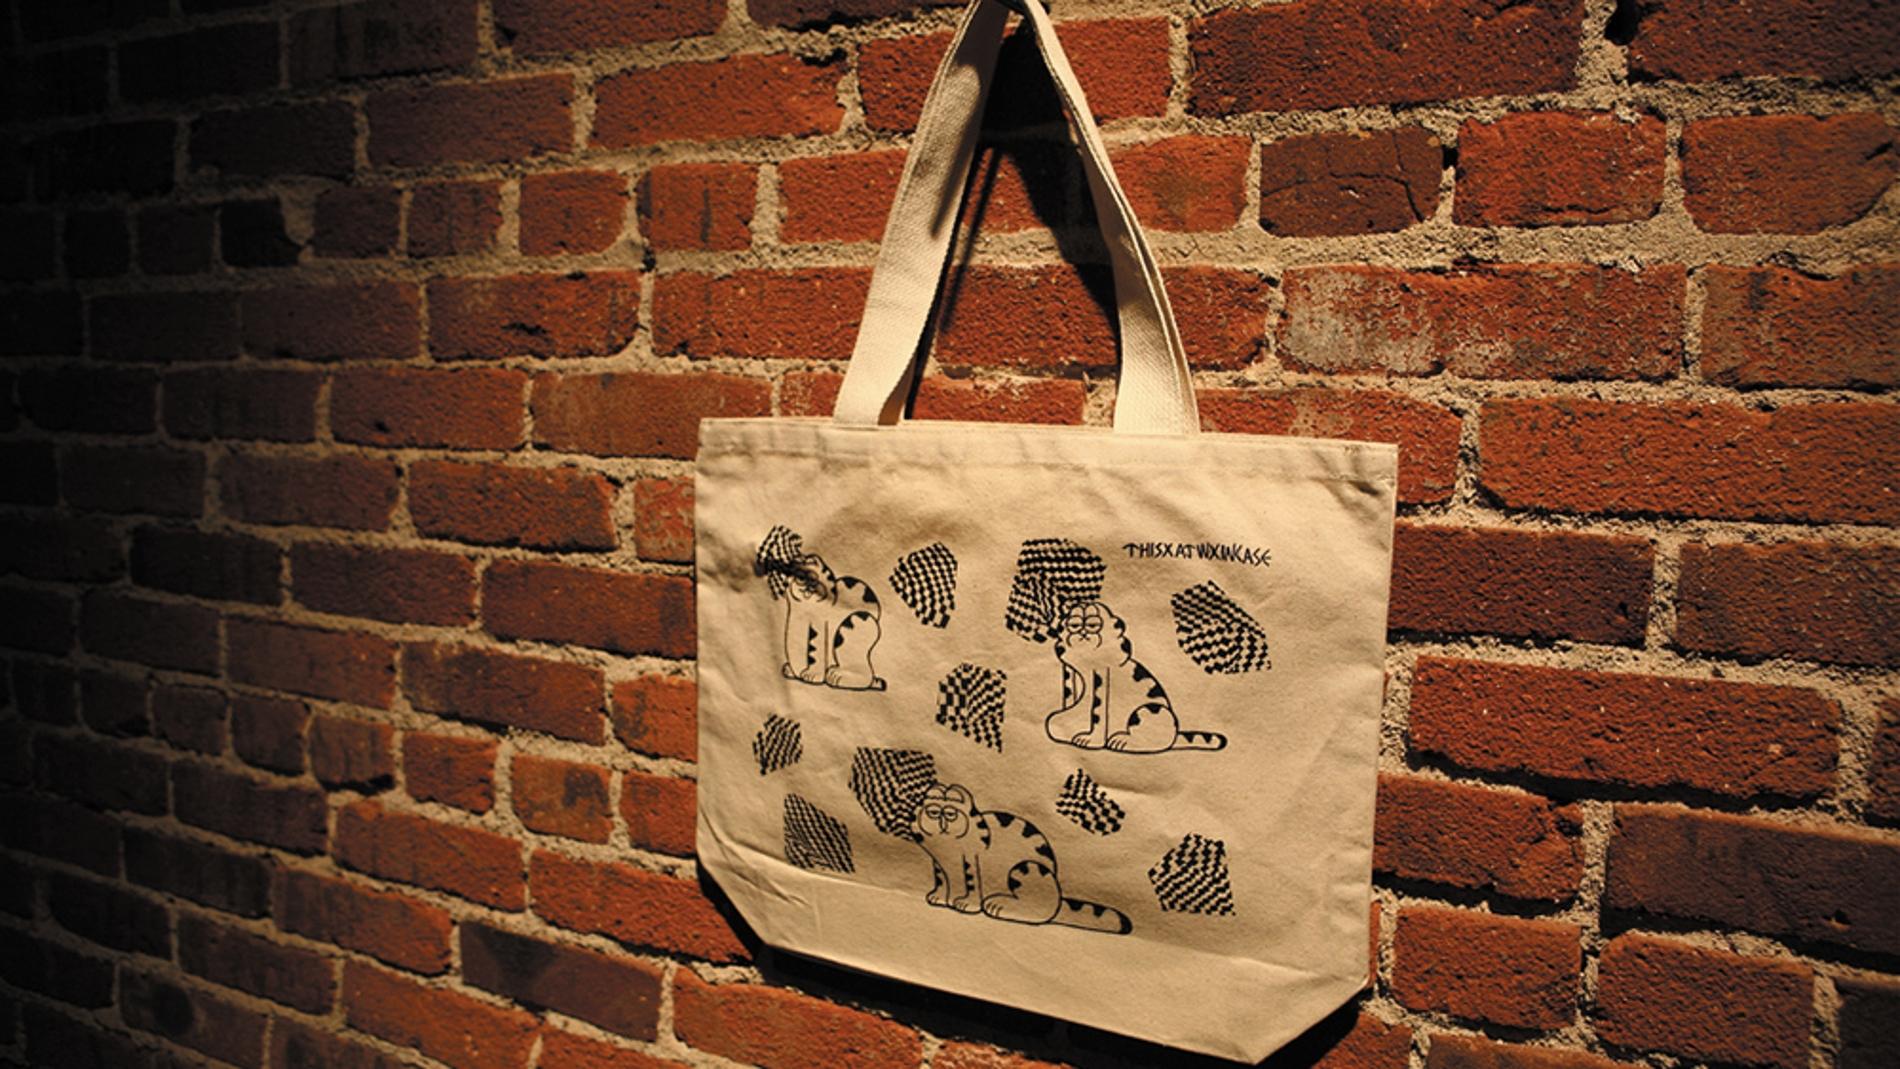 Aparte de lucir estupendamente, ¿son realmente sostenibles las bolsas de tela?